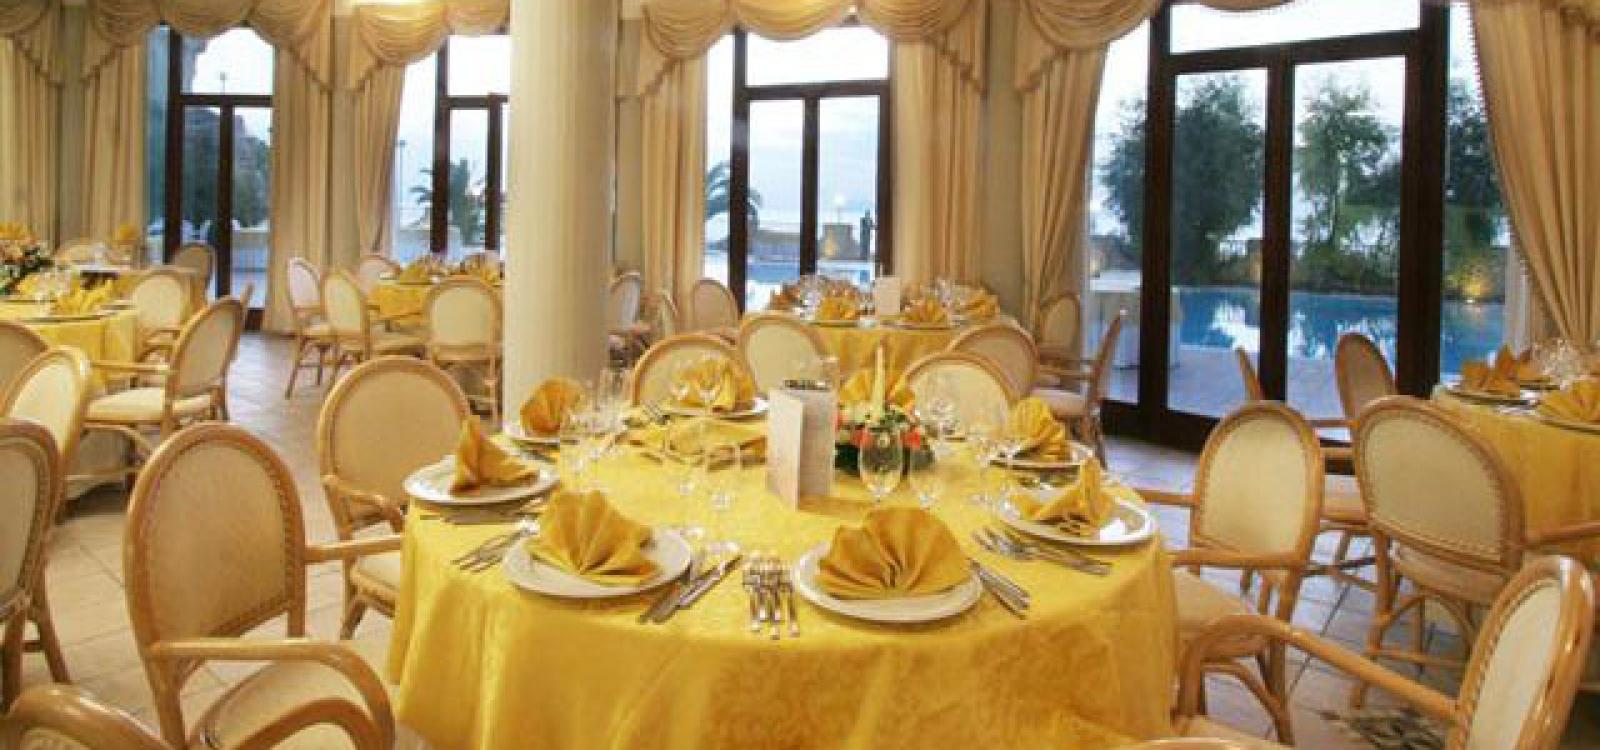 ristorante marco polo